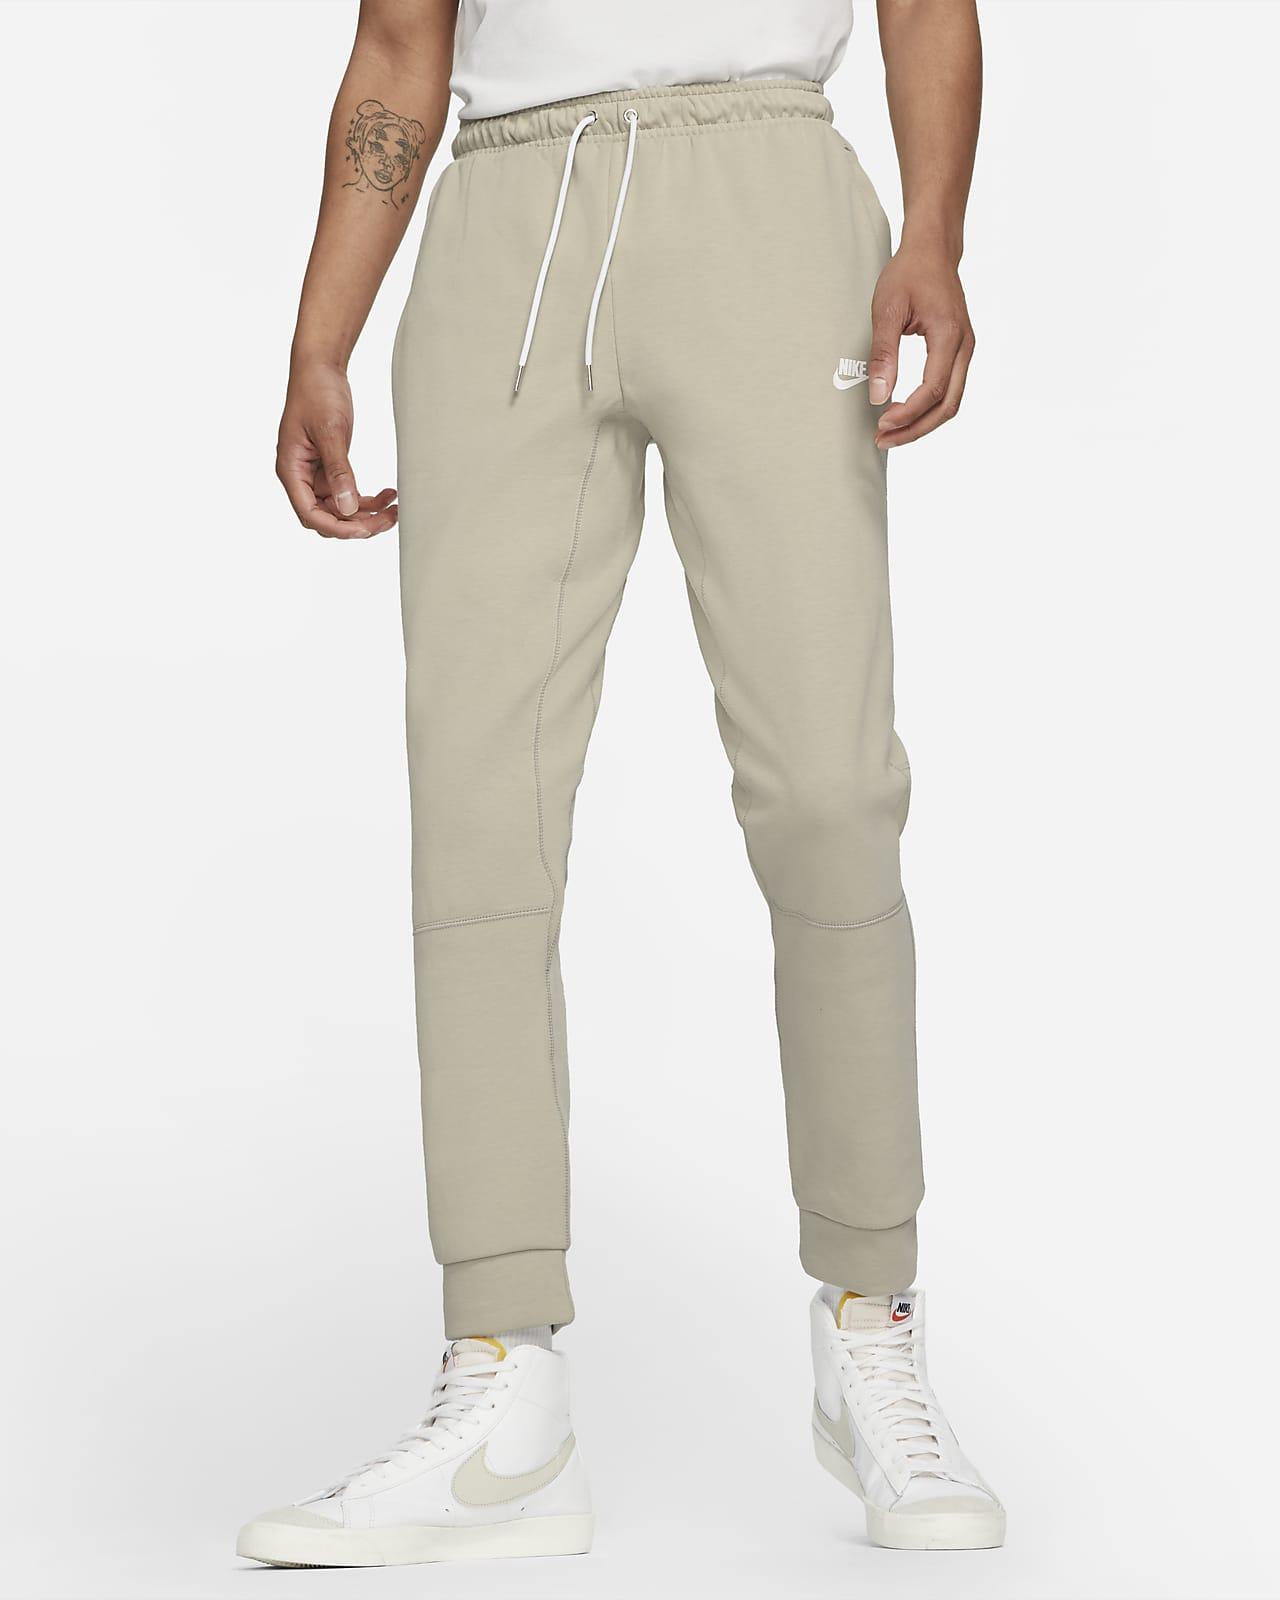 Pánské moderní běžecké kalhoty Nike Sportswear